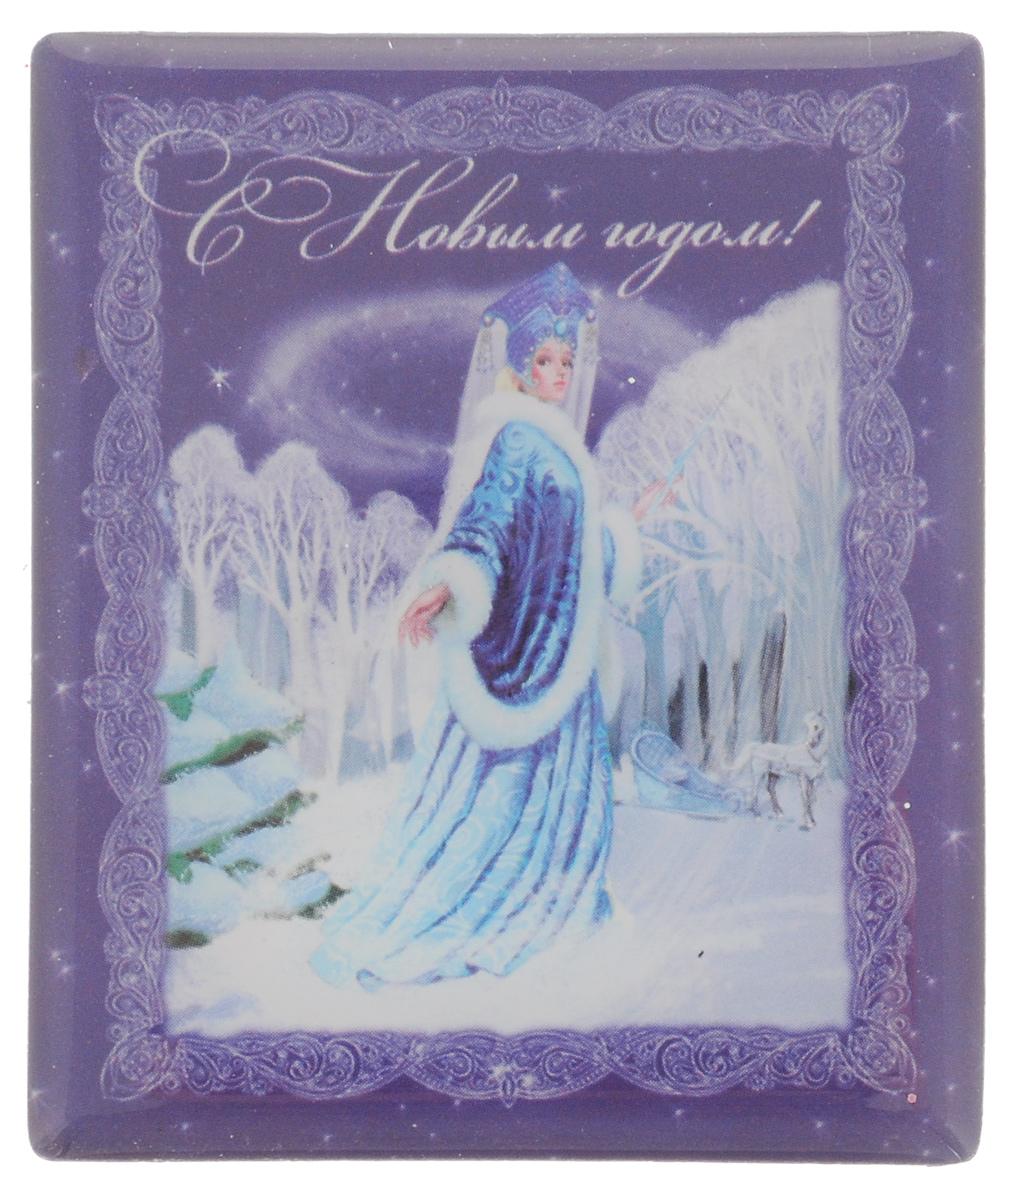 Магнит Феникс-Презент Снежная королева, 6 x 5 см34837Магнит прямоугольной формы Феникс-Презент Снежная королева, выполненный из агломерированного феррита, станет приятным штрихом в повседневной жизни. Оригинальный магнит, декорированный изображением снежной королевы и надписью С Новым годом, поможет вам украсить не только холодильник, но и любую другую магнитную поверхность. Материал: агломерированный феррит.